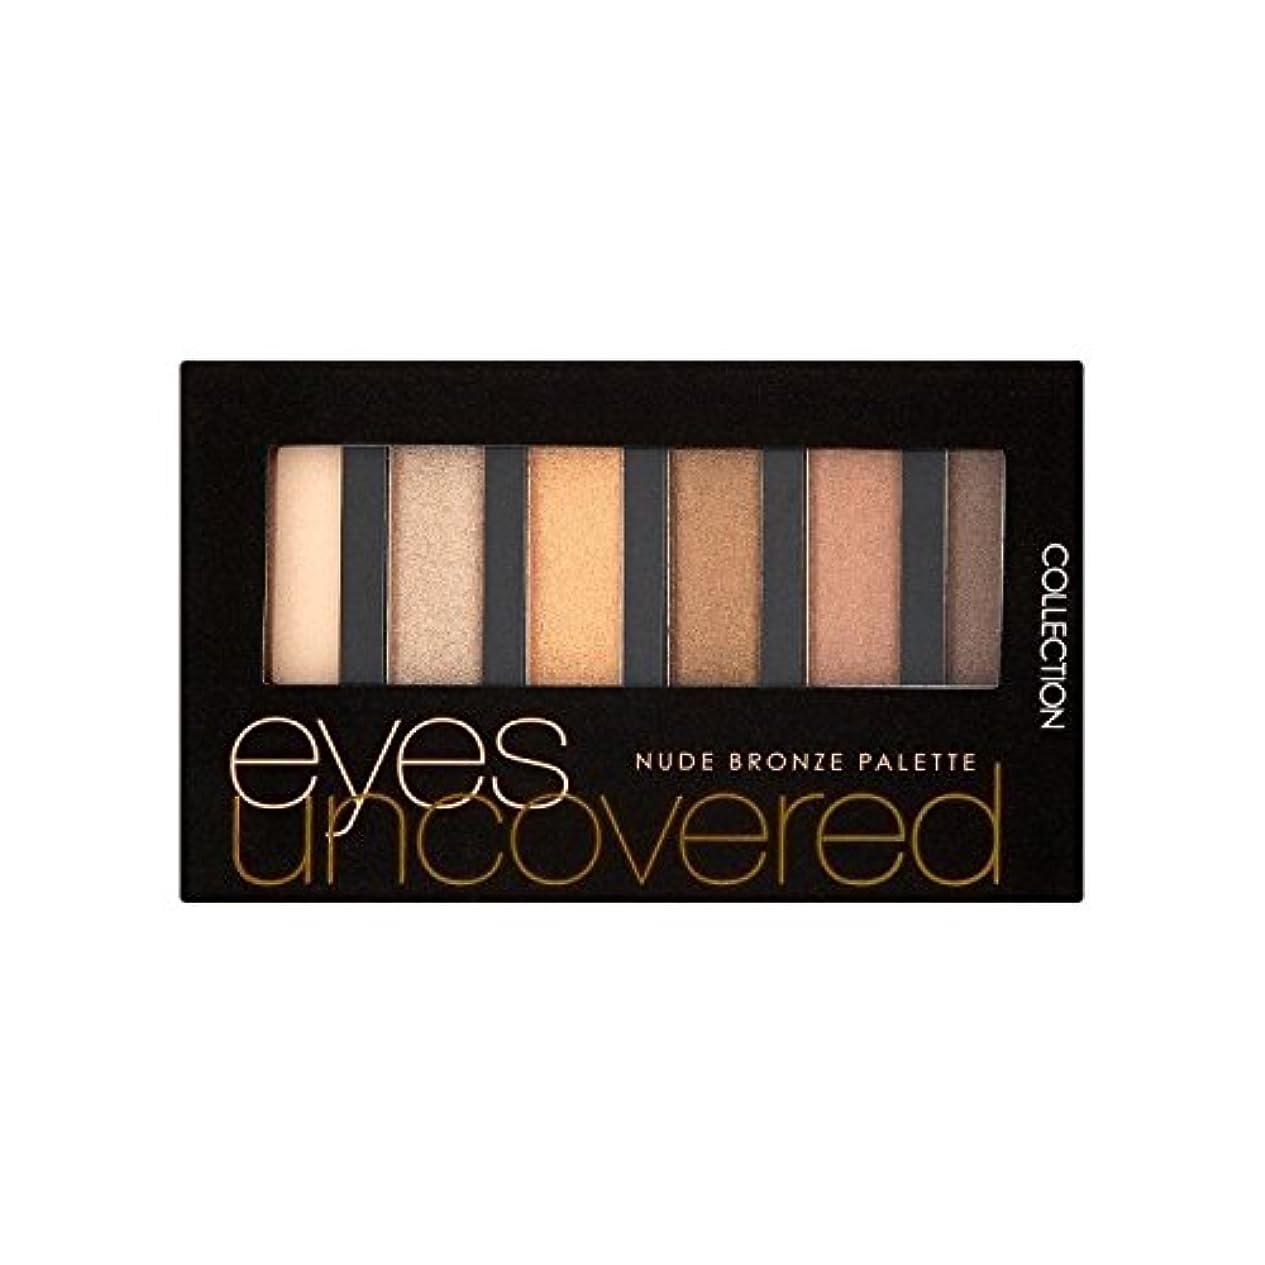 配る部真面目なCollection Eyes Uncovered Palettes 2 - Nude Bronze (Pack of 6) - ヌードブロンズ - コレクション目はパレット2を発見しました x6 [並行輸入品]